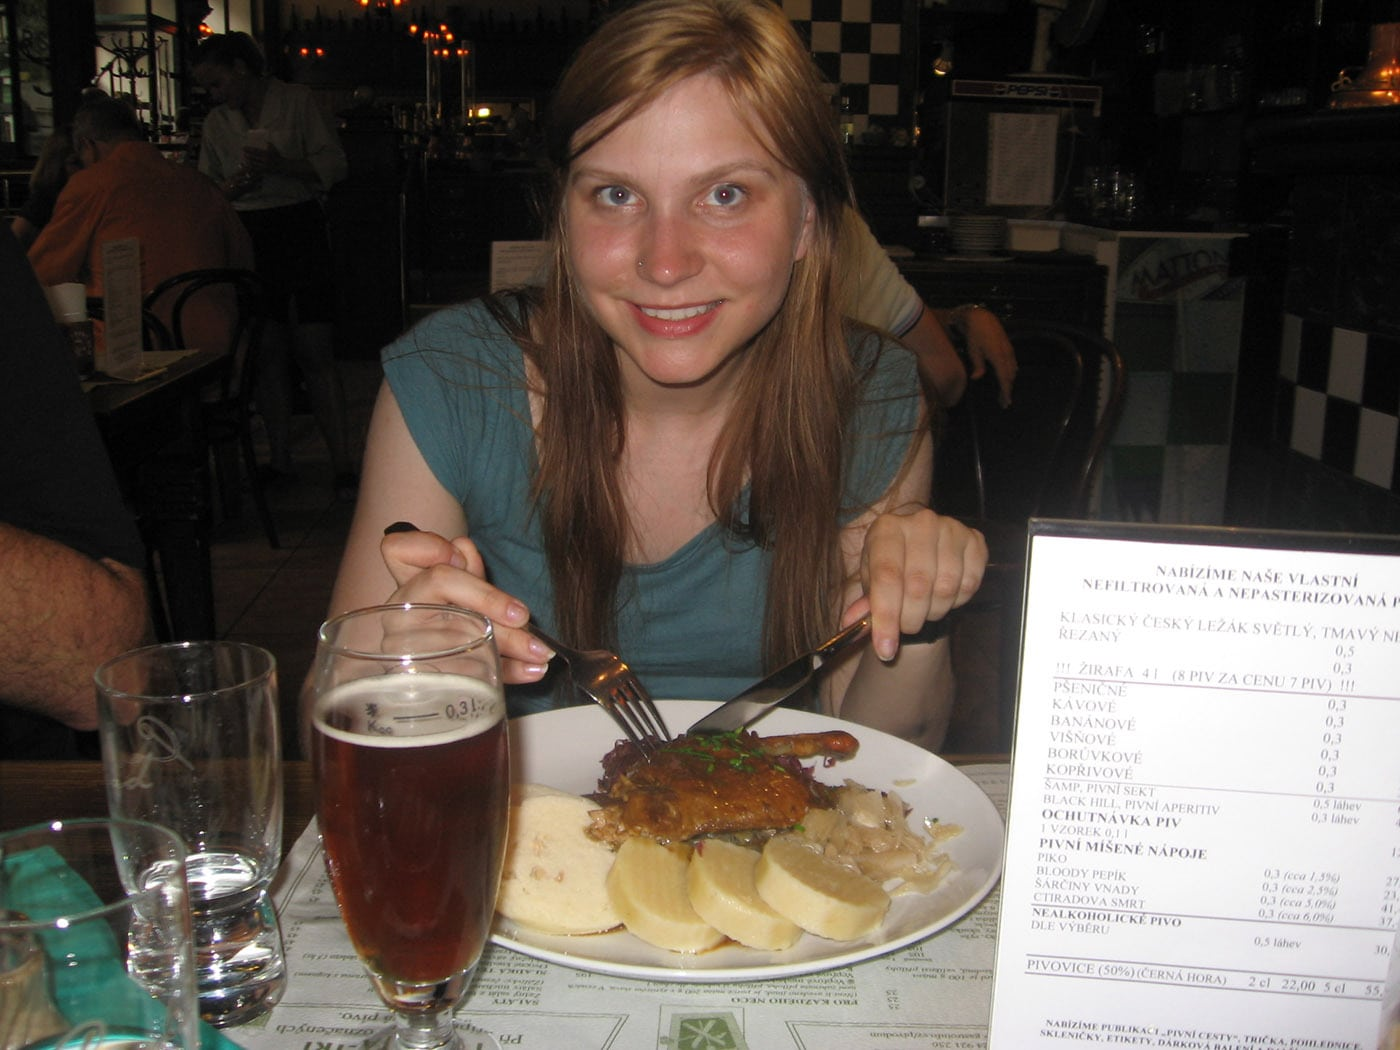 Val eats duck at Restaurace Pivovarsky Dum in Prague, Czech Republic